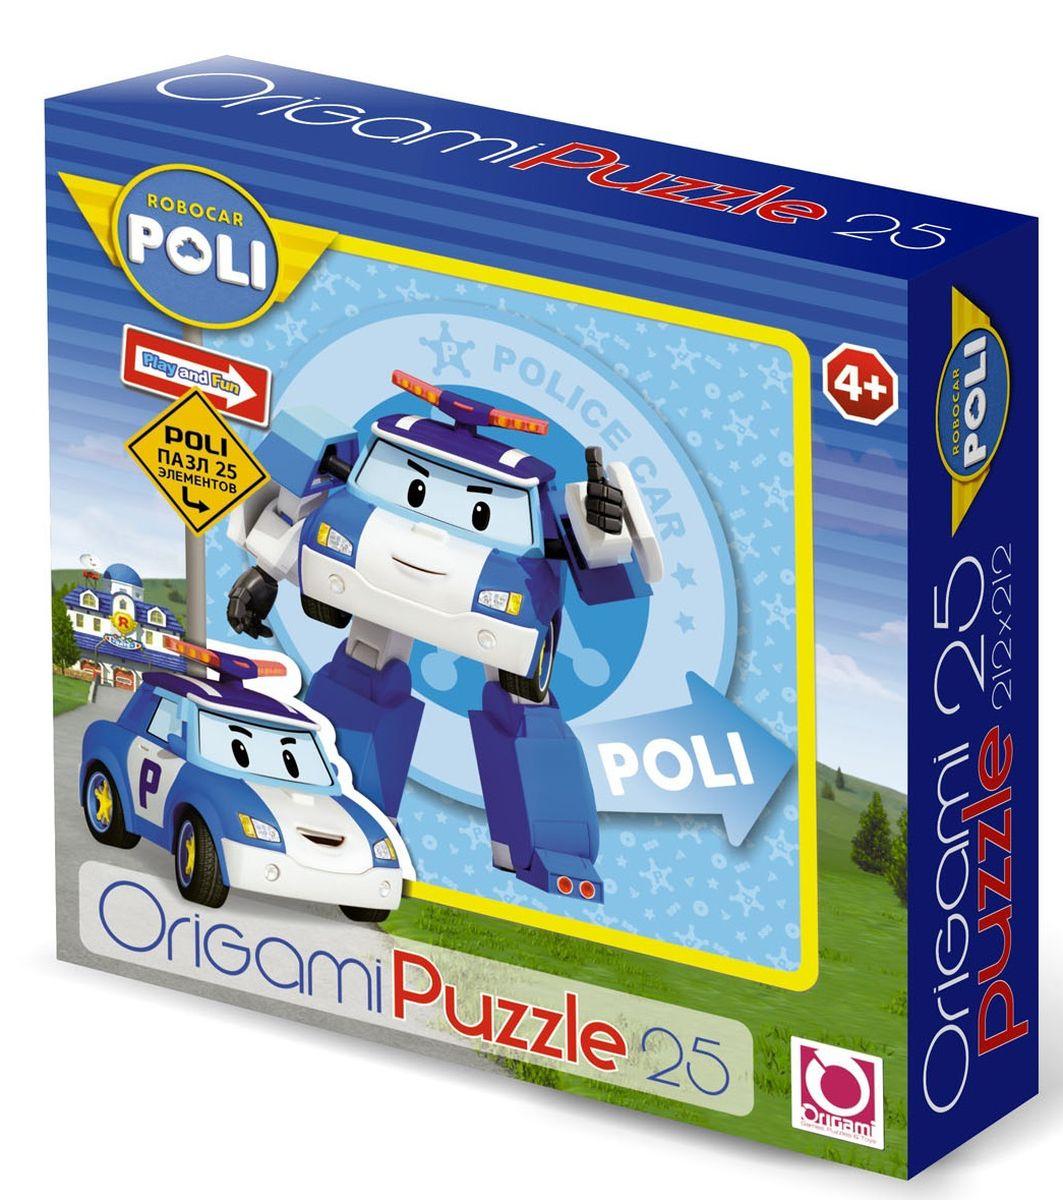 Оригами Пазл для малышей Robocar Poli 00160 флексика пазл для малышей геометрия цвет основы красный